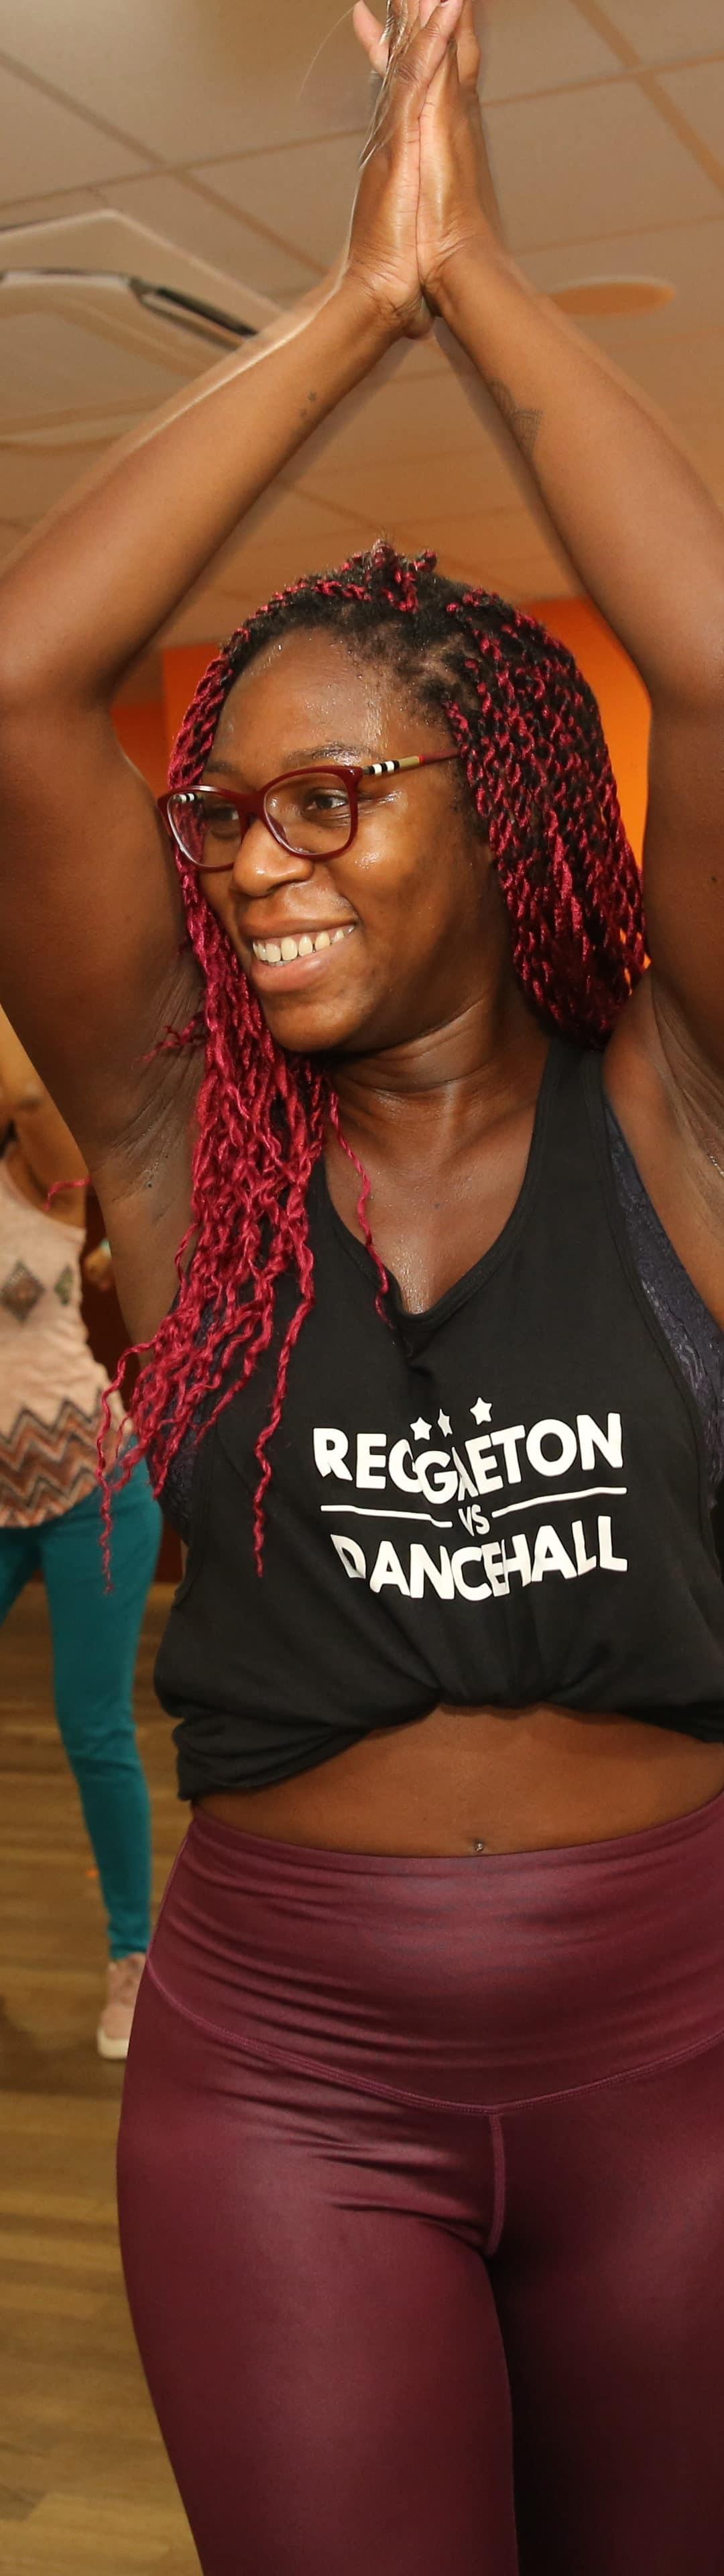 La danse, une activité sportive anti-stress pour se dépenser